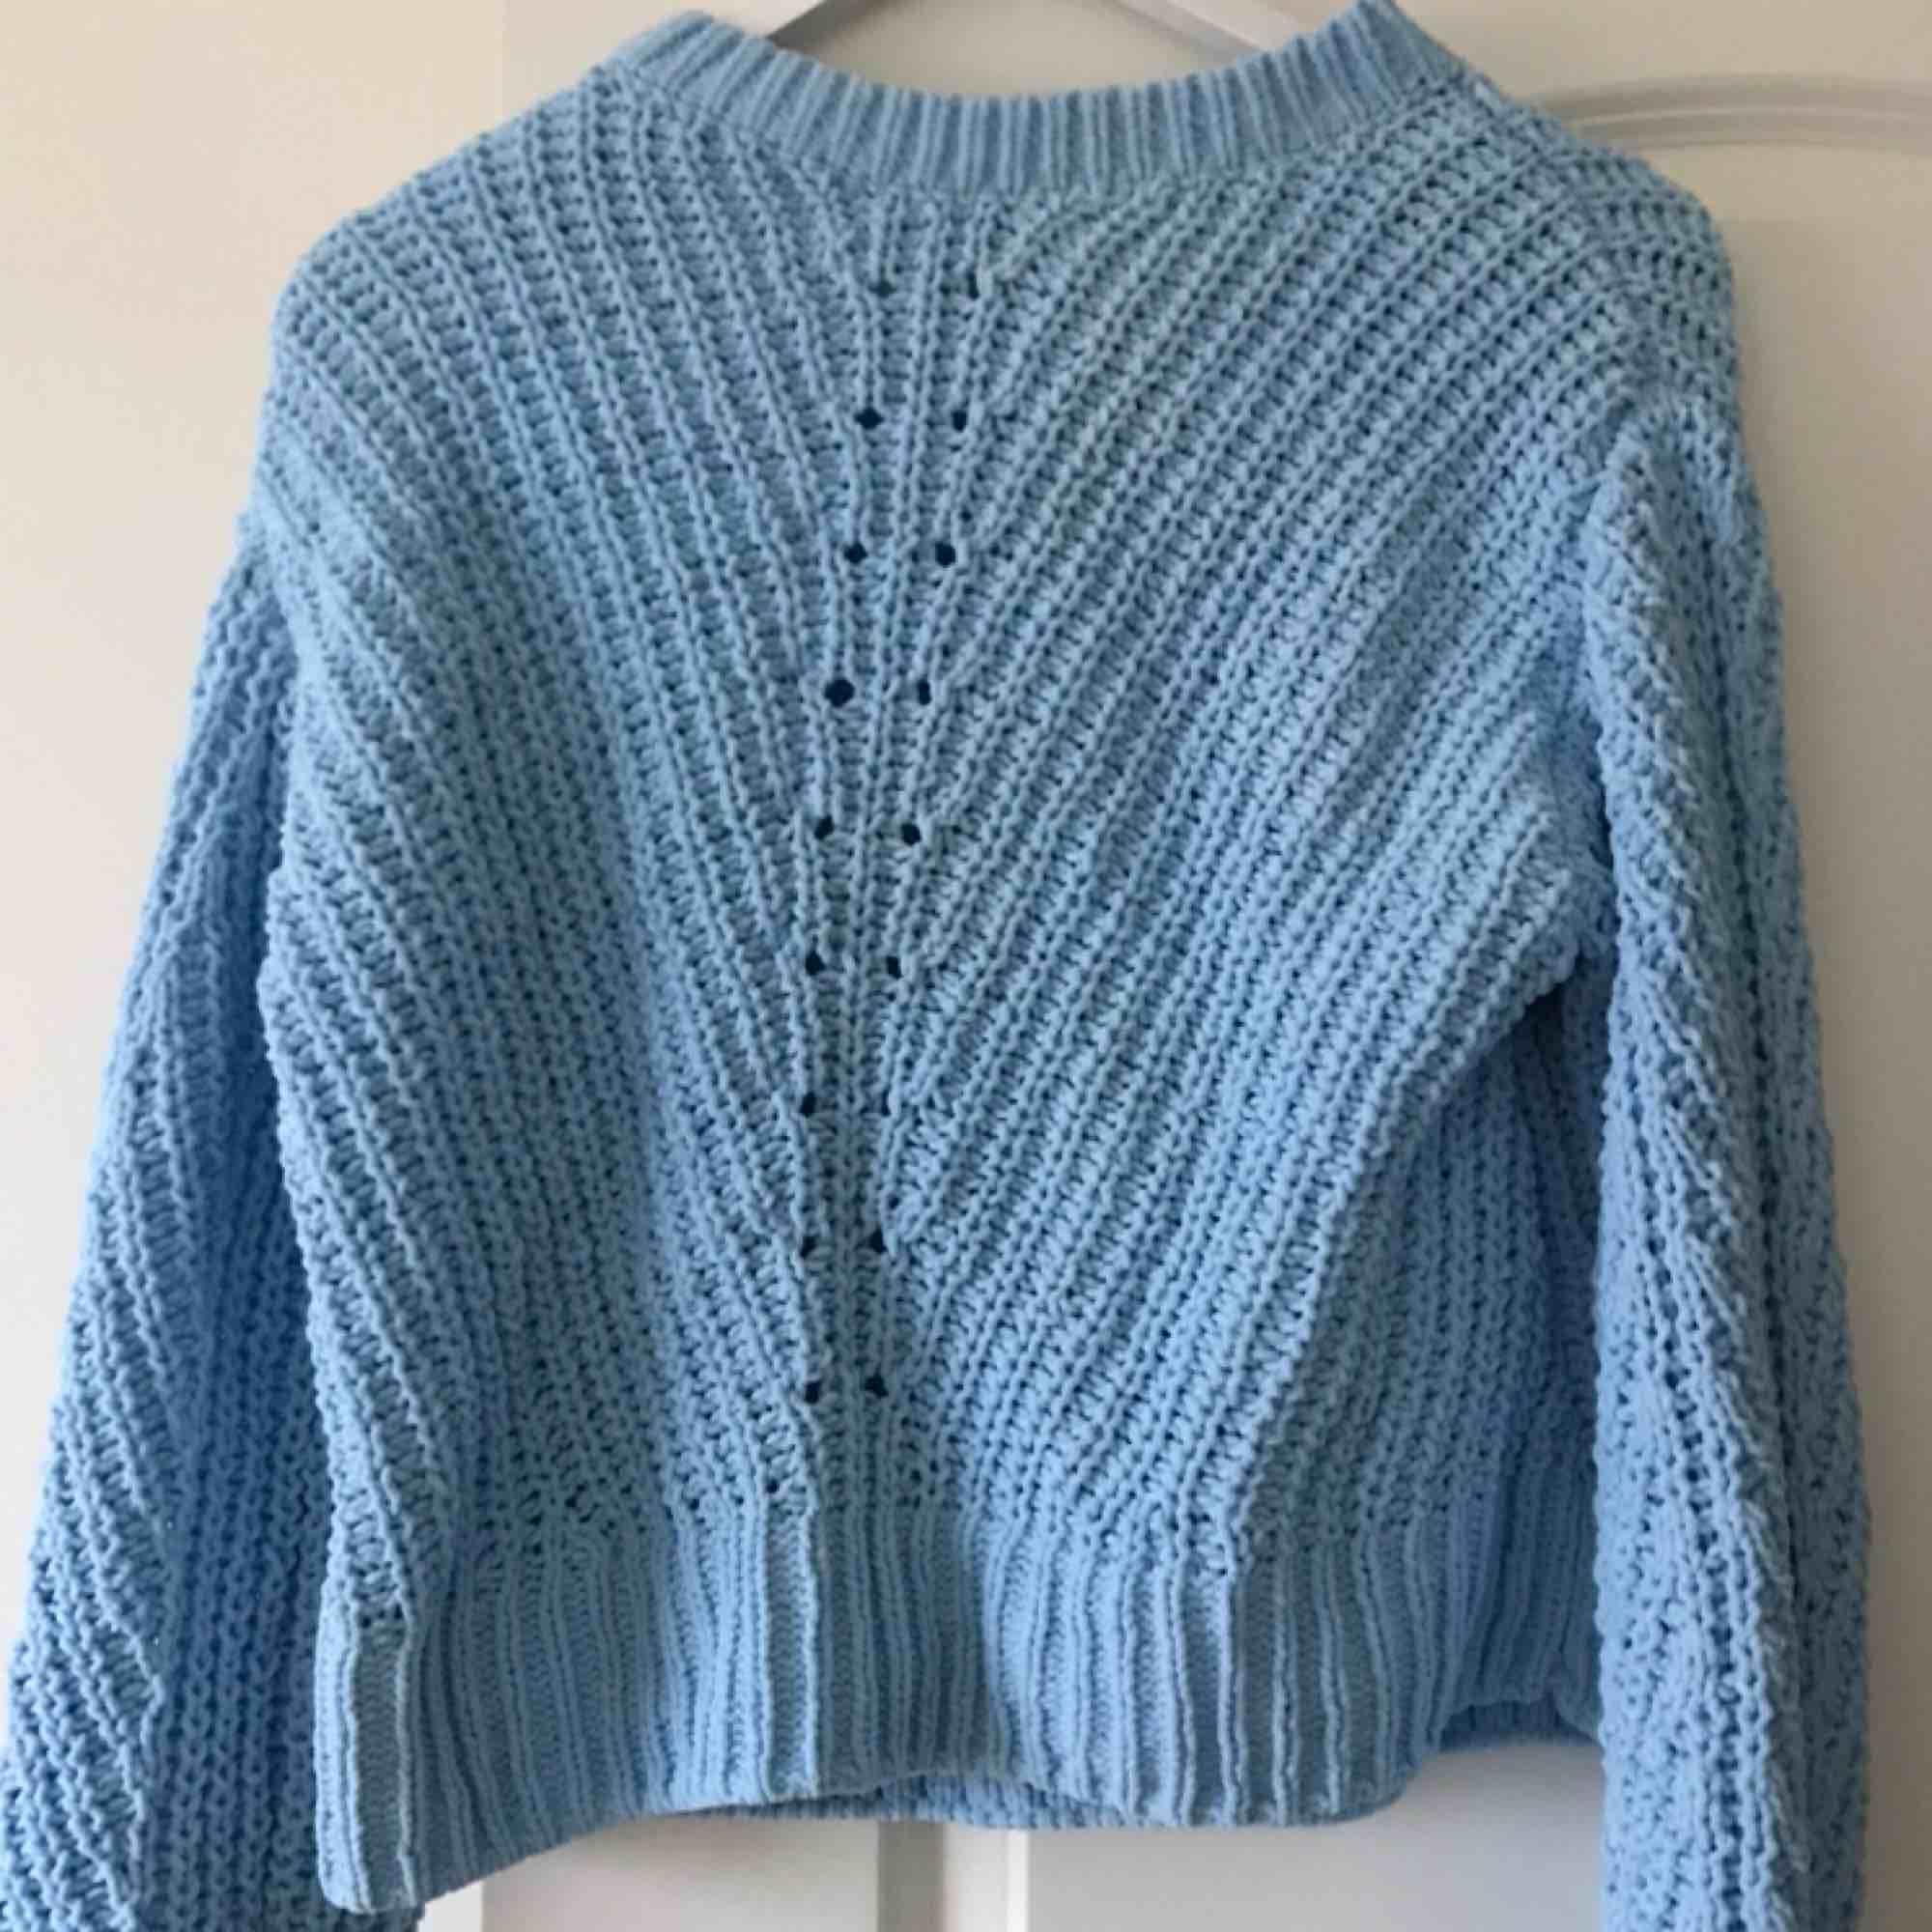 Säljer denna as sköna tröja pga ingen användning, den är helt oanvänd. Kan mötas upp i stockholm eller frakta. . Stickat.